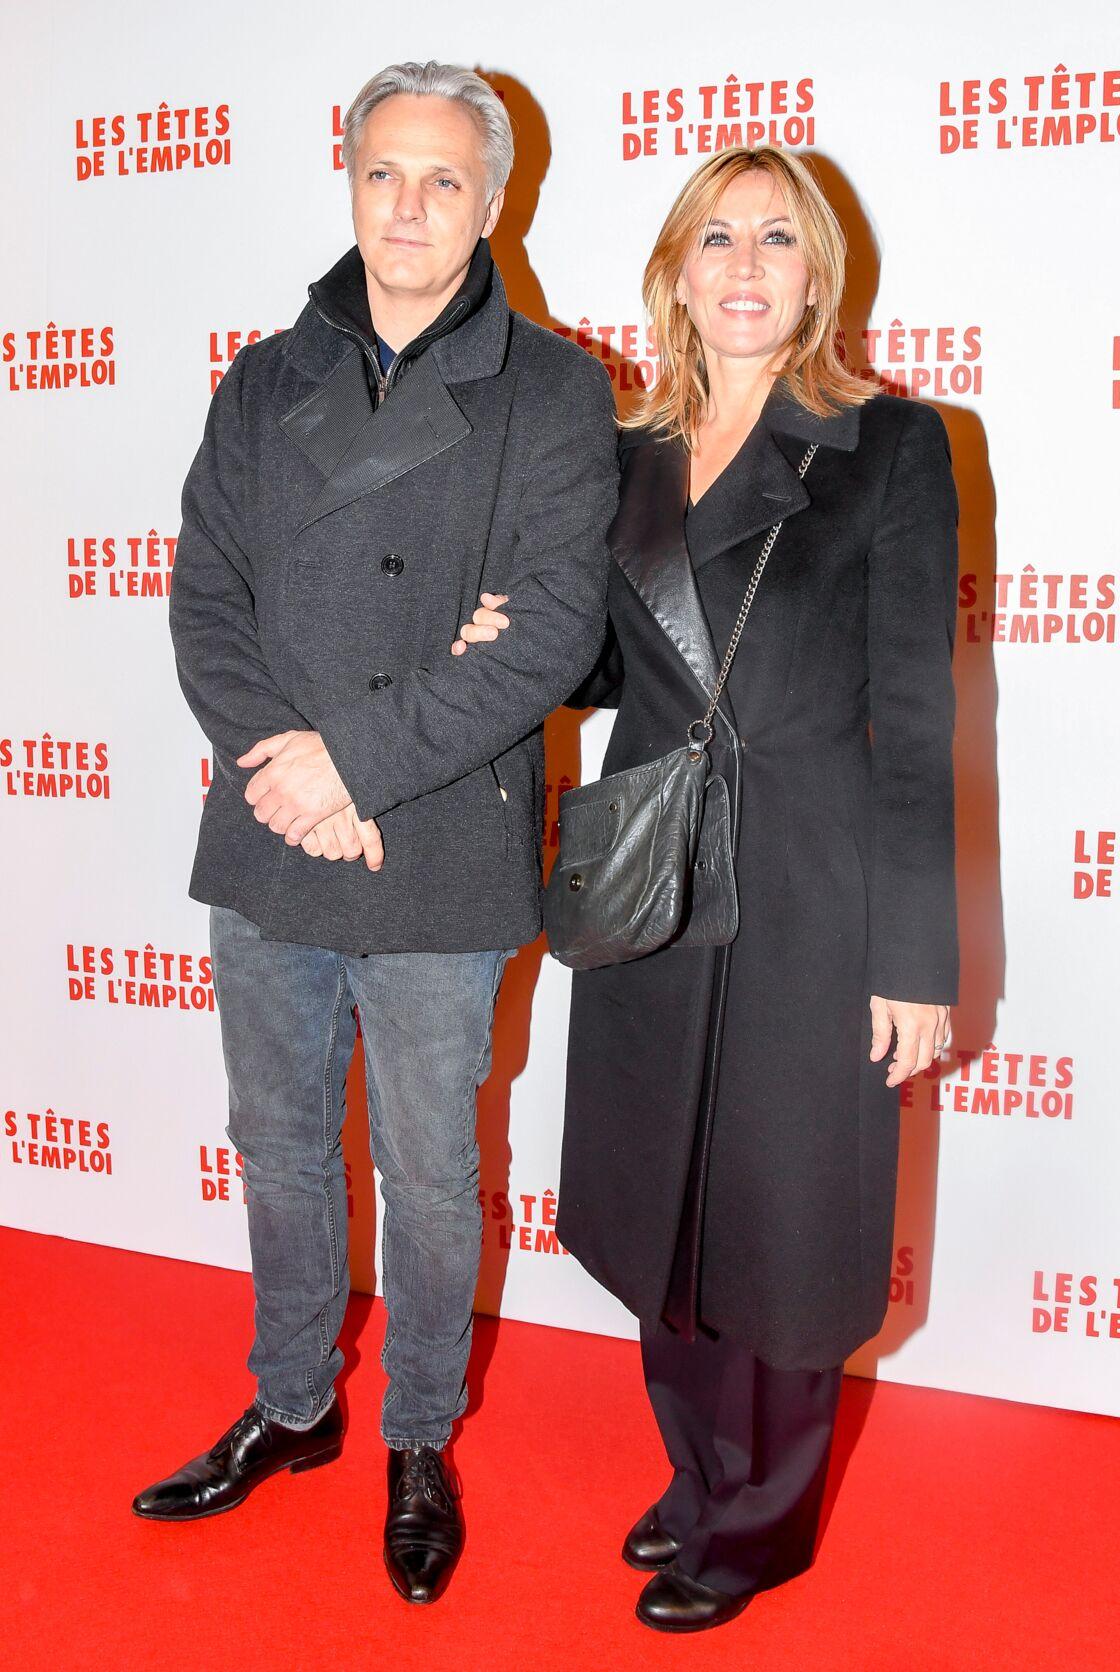 Mathieu Petit et sa compagne Mathilde Seigner à Paris le 14 novembre 2016.